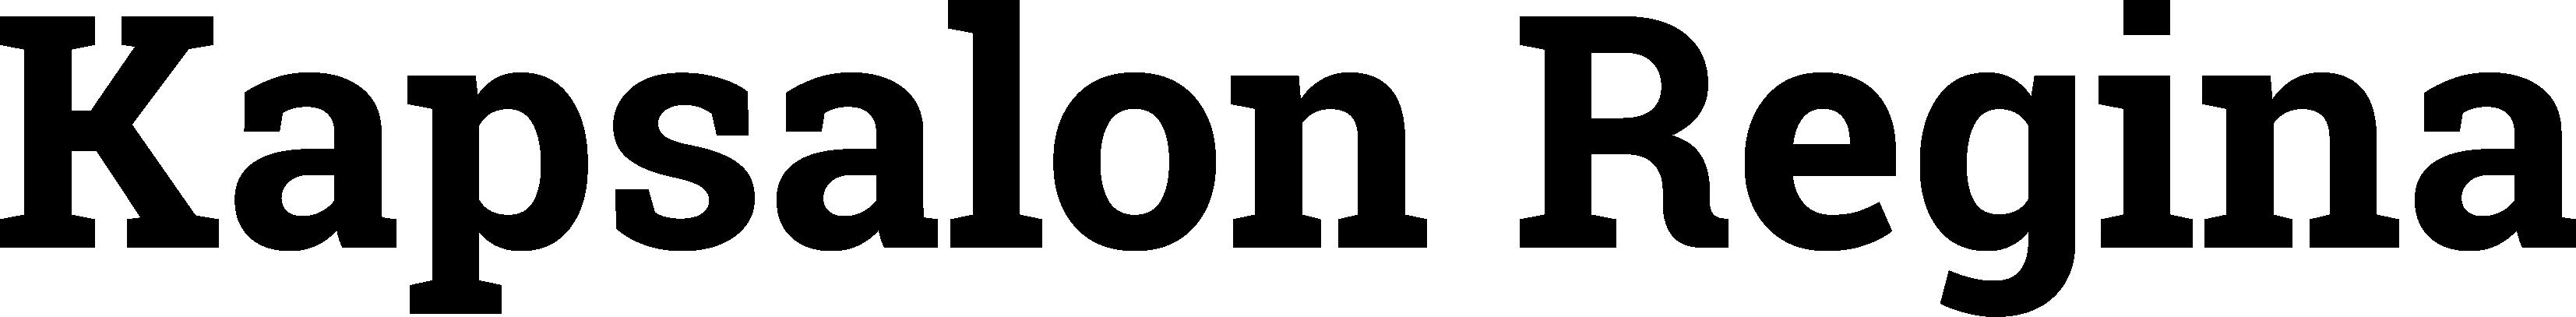 KAPSALON REGINA